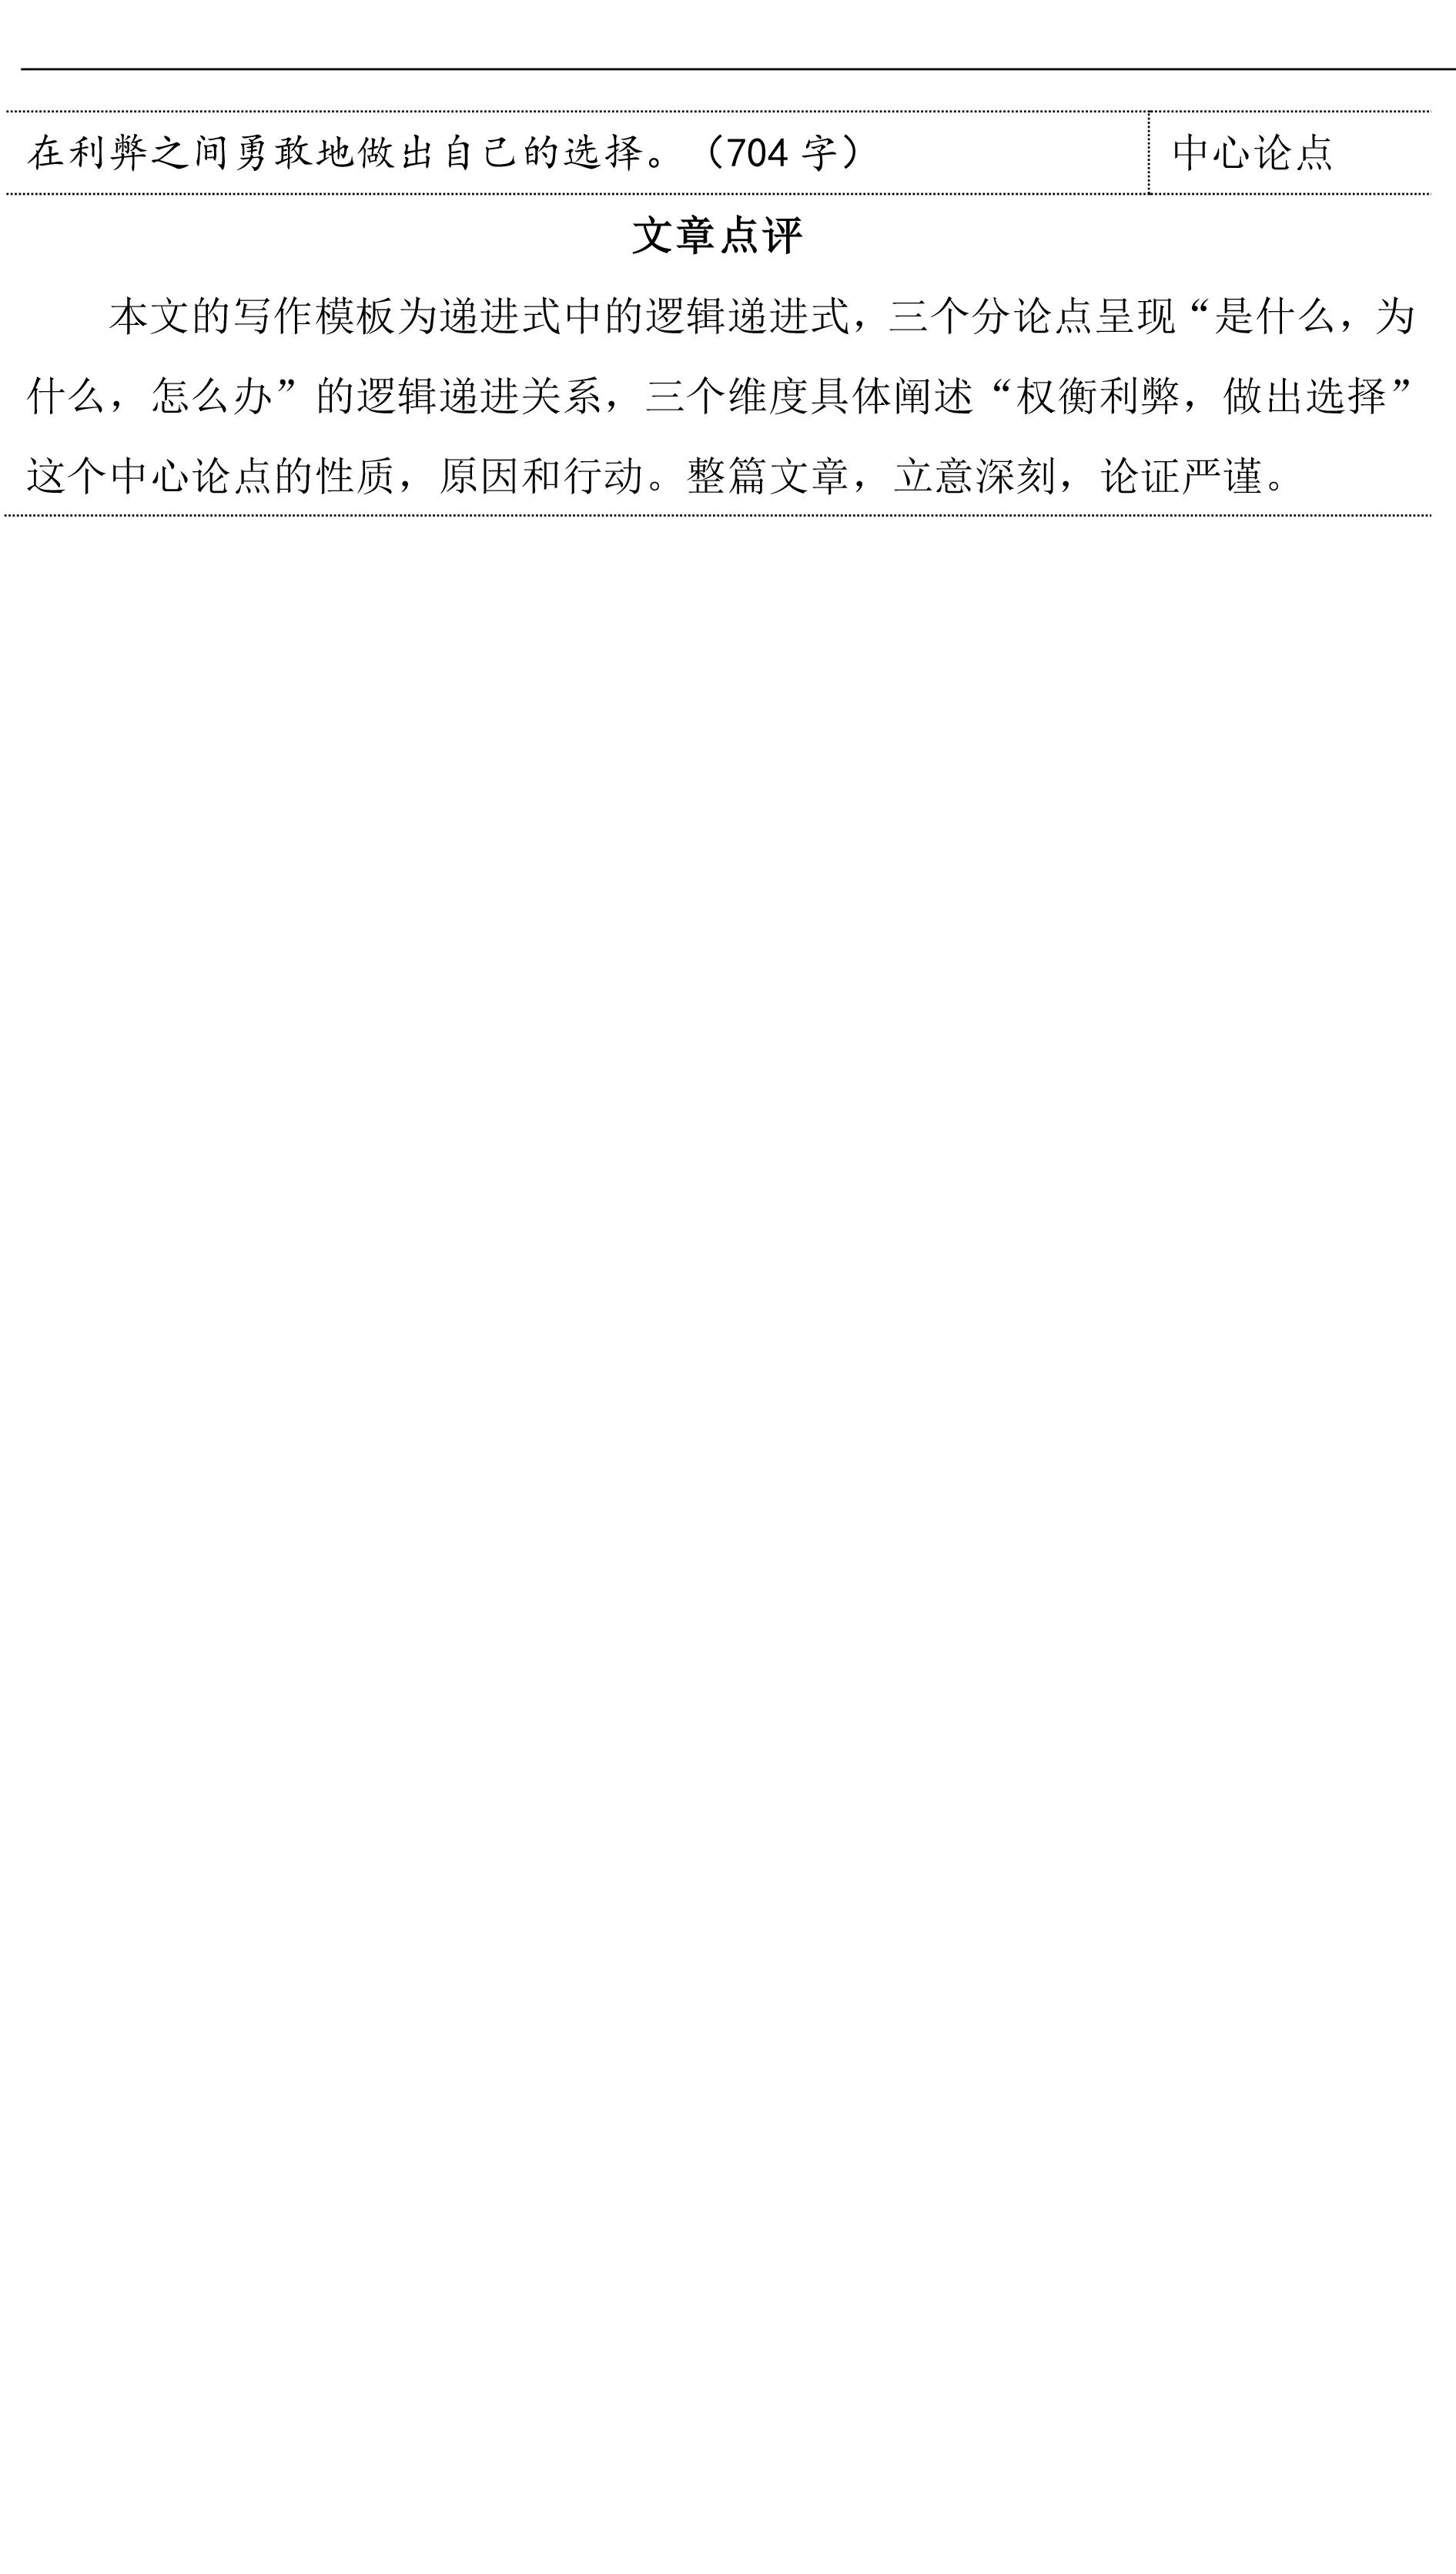 真题试卷集-综合-2014~2018-解析-19.jpg